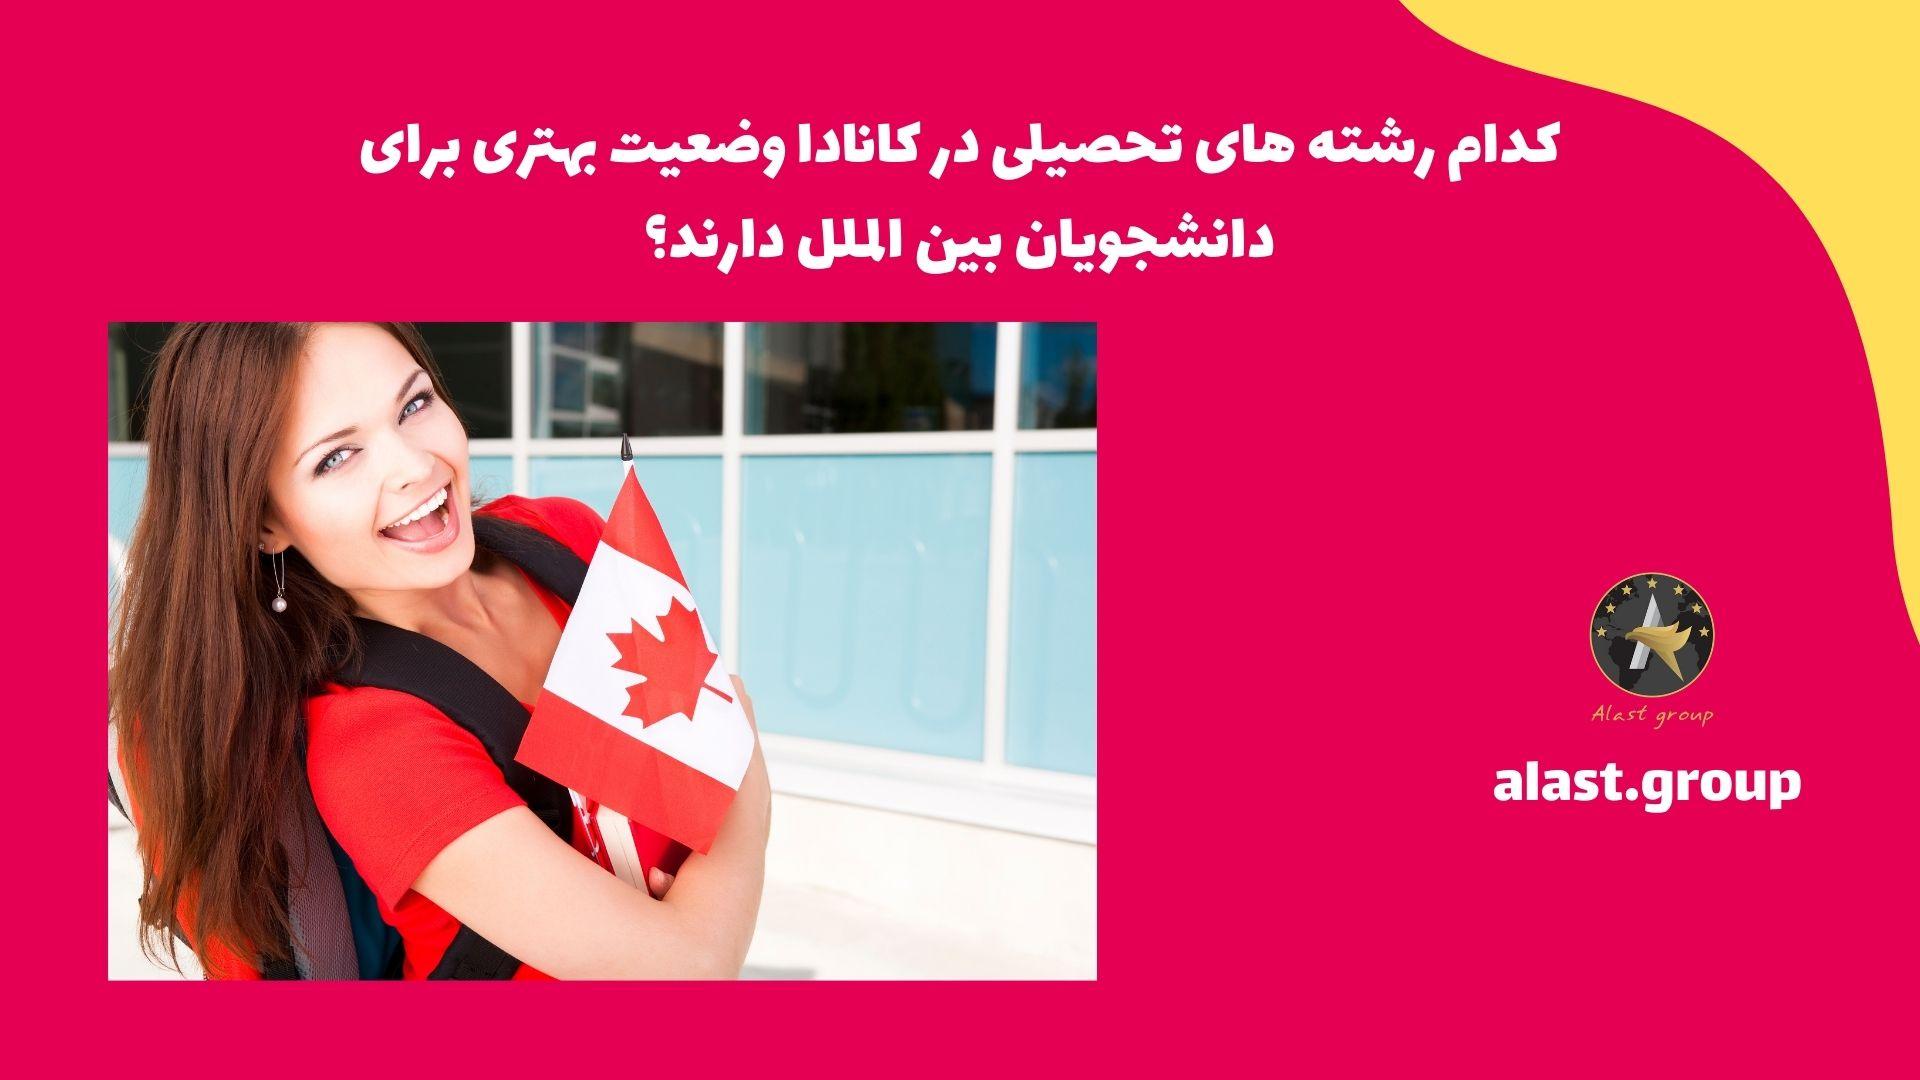 کدام رشته های تحصیلی در کانادا وضعیت بهتری برای دانشجویان بین الملل دارند؟